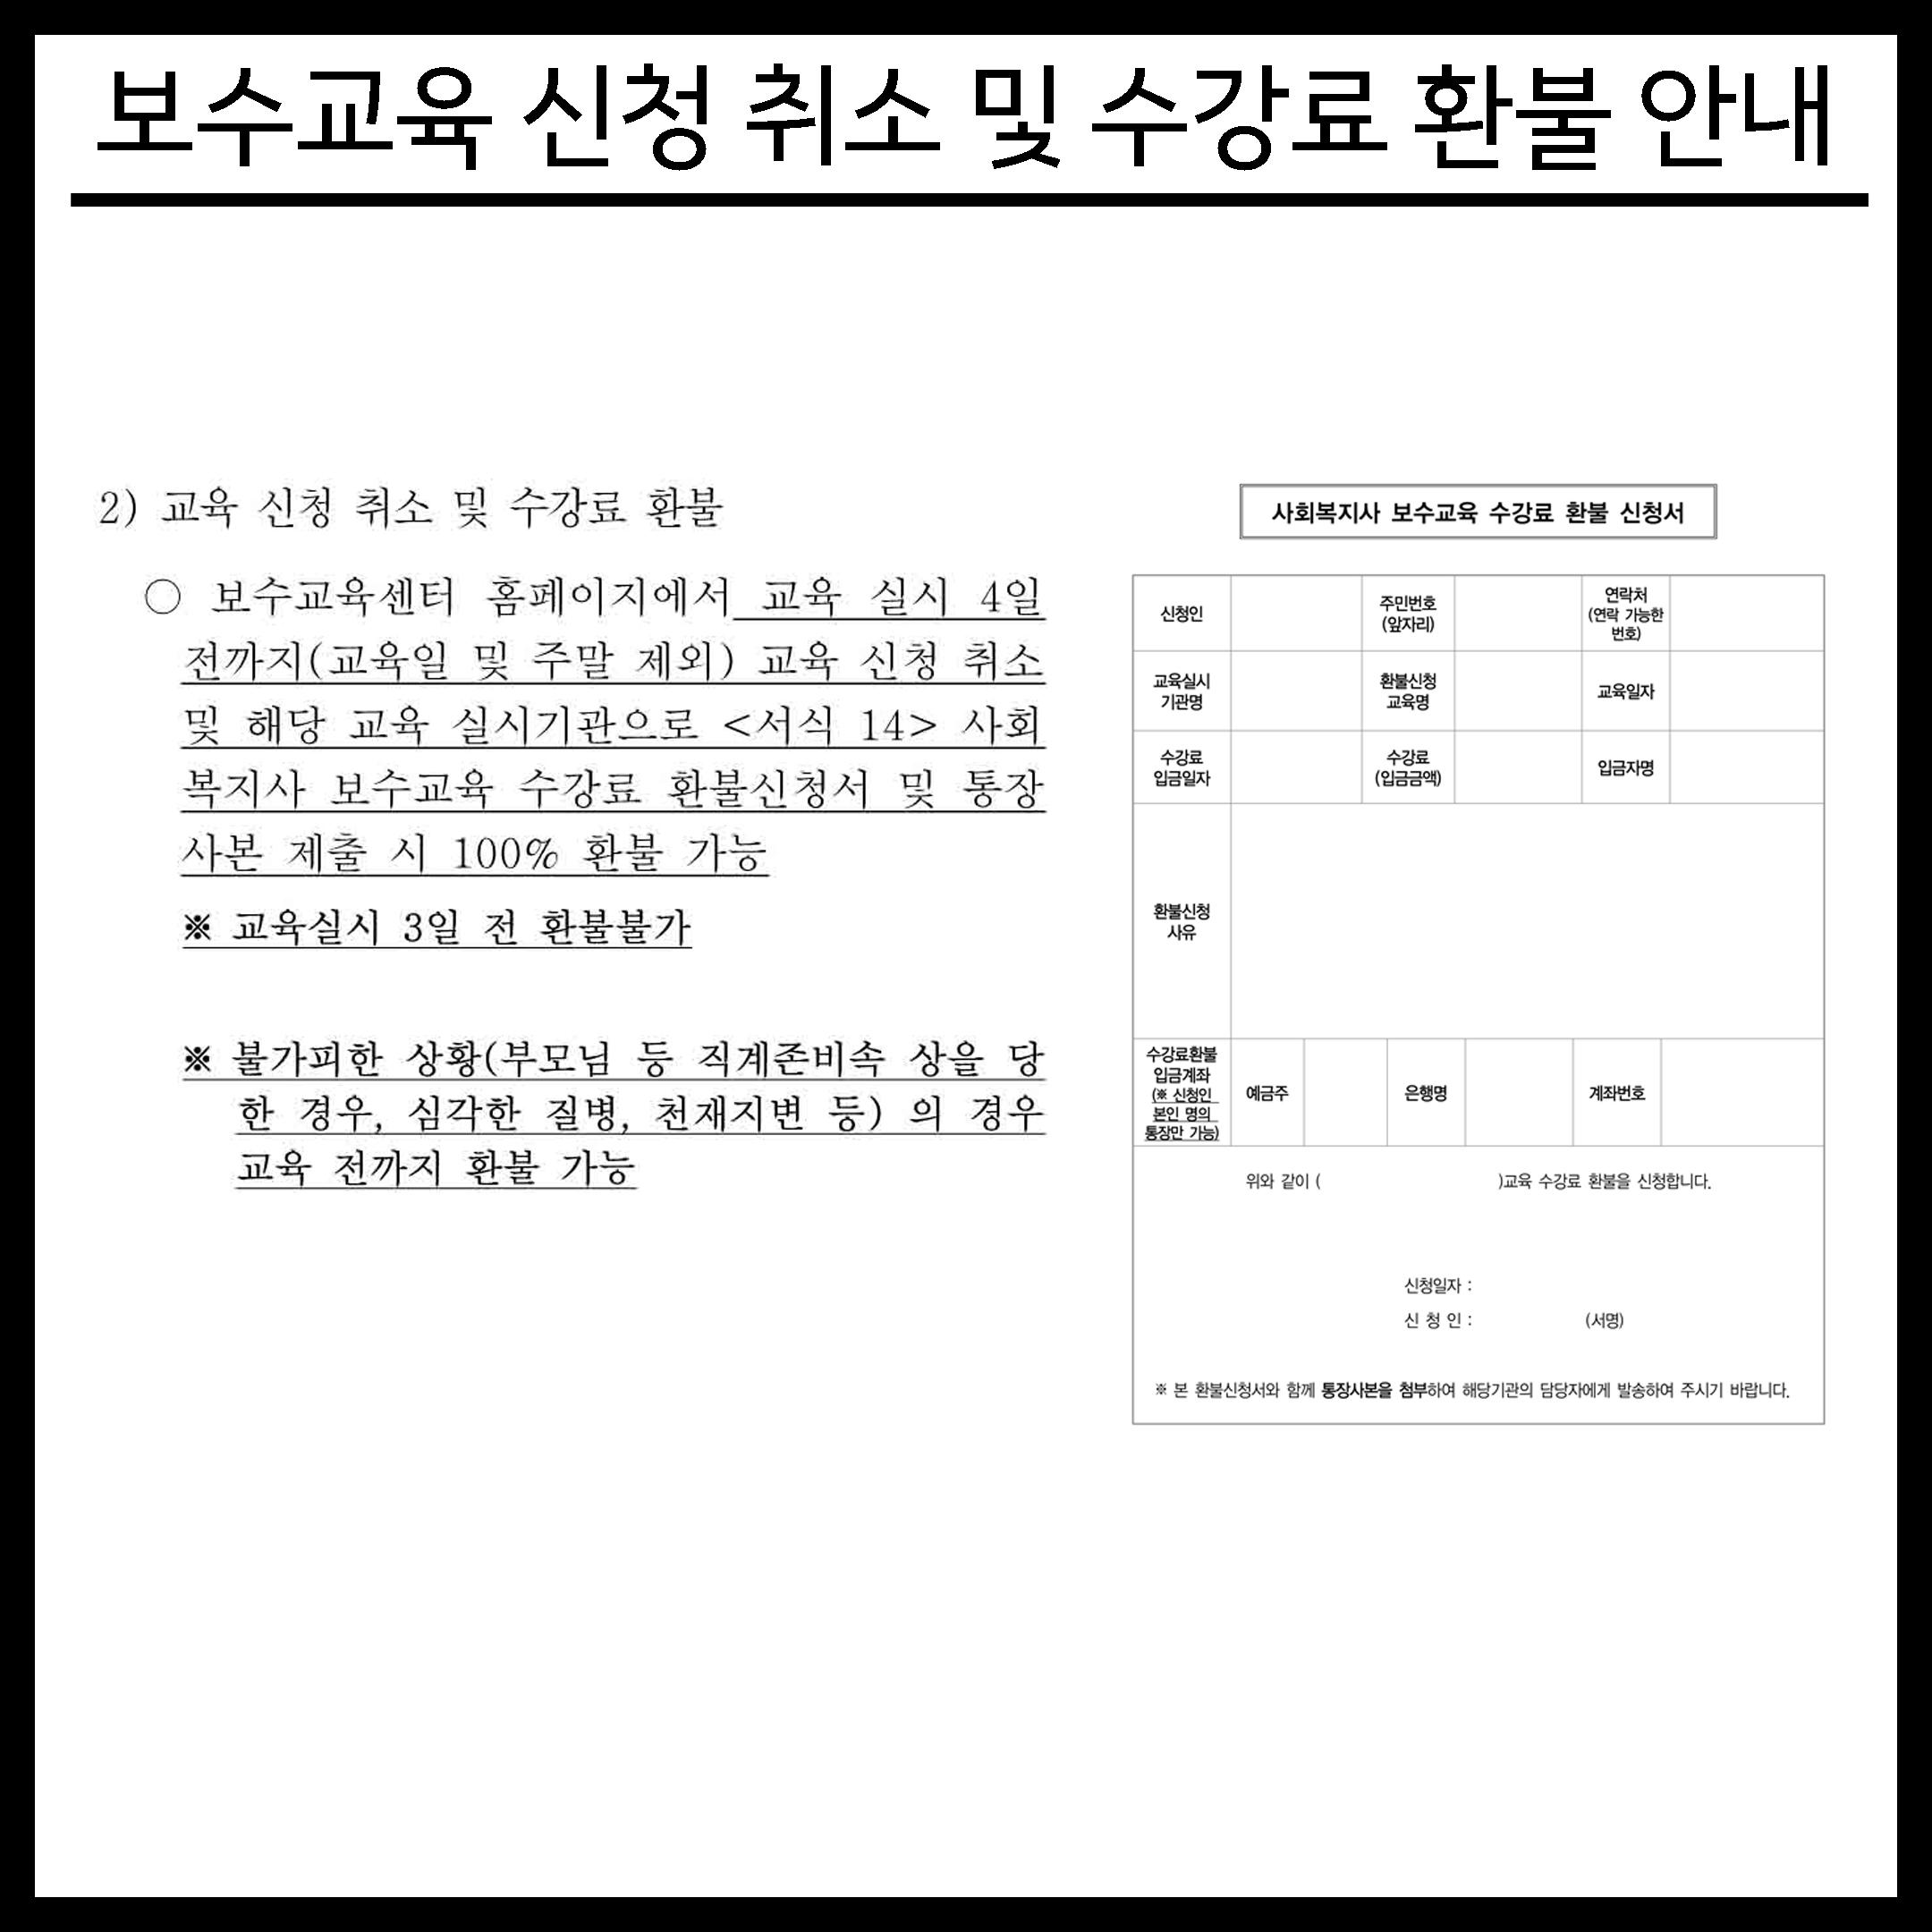 2019년 보수교육 환불 안내.jpg